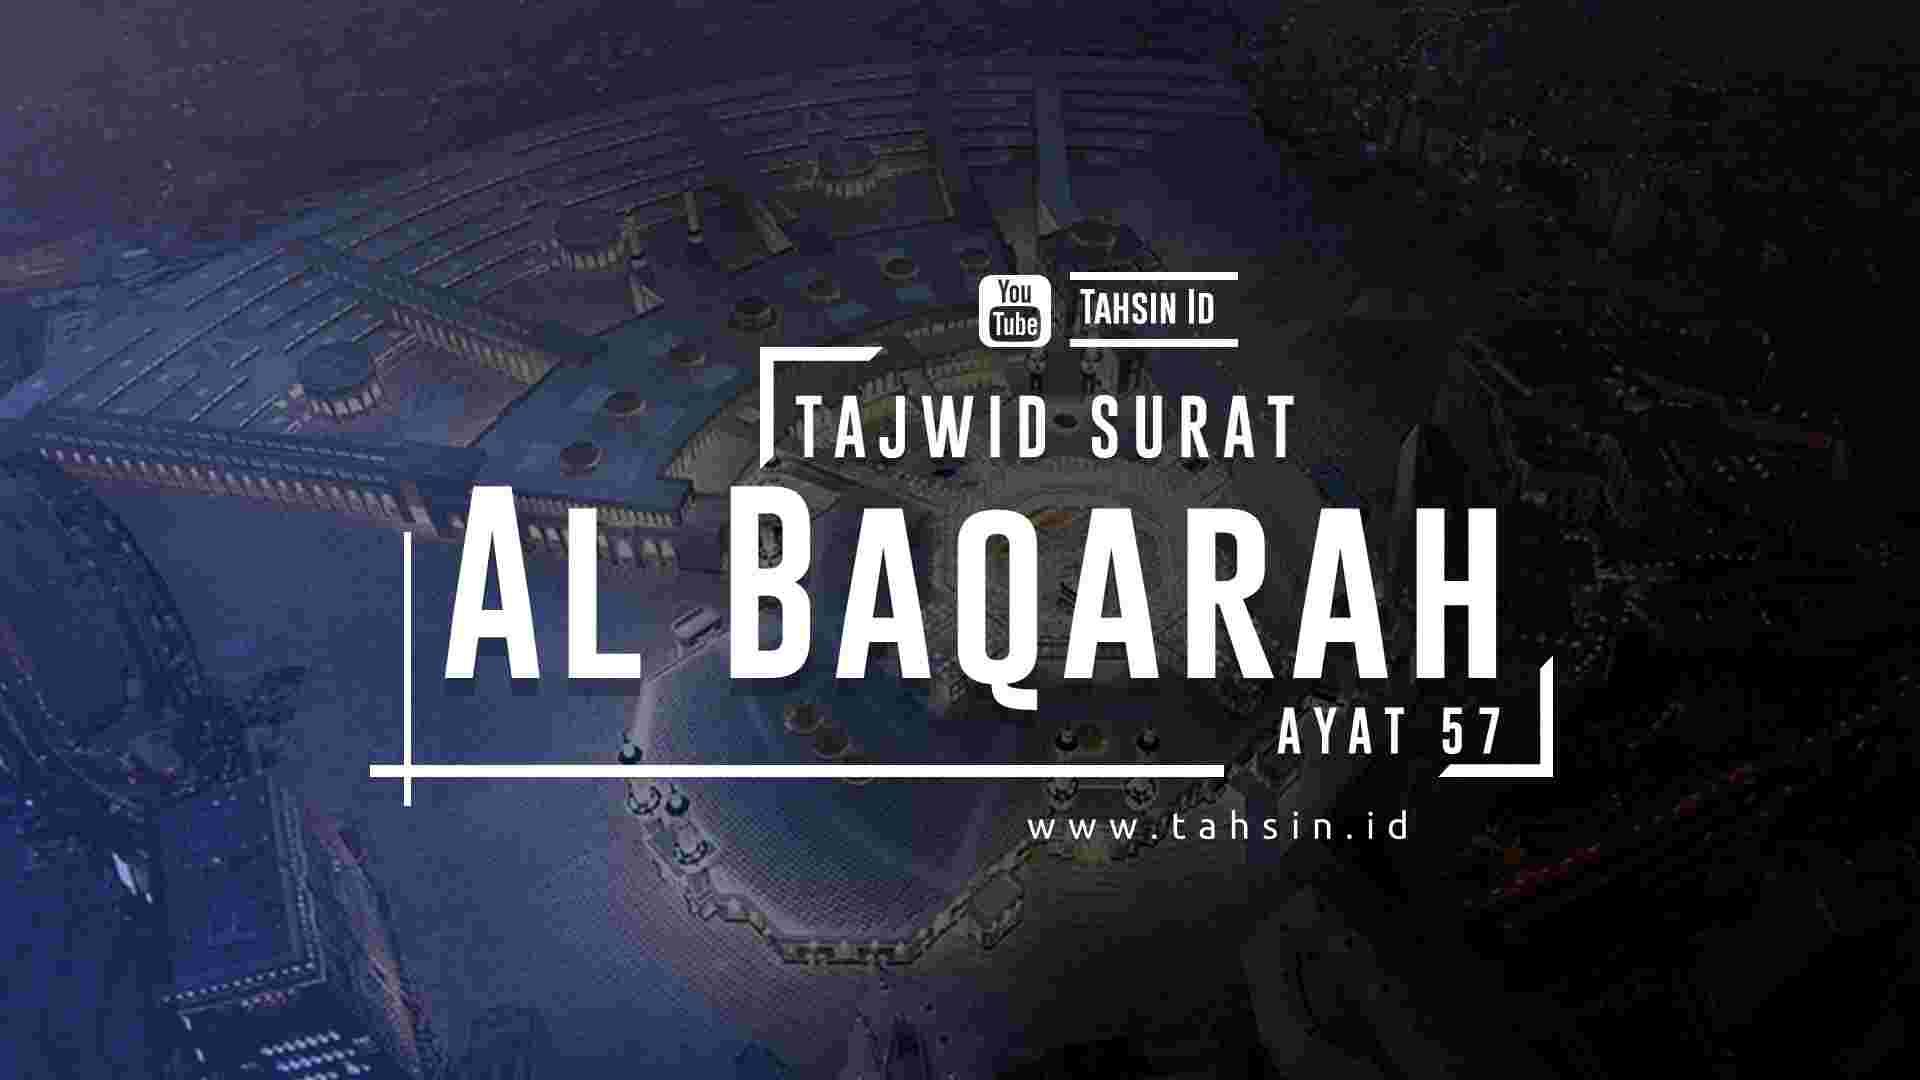 Tajwid surat Al Baqarah ayat 57